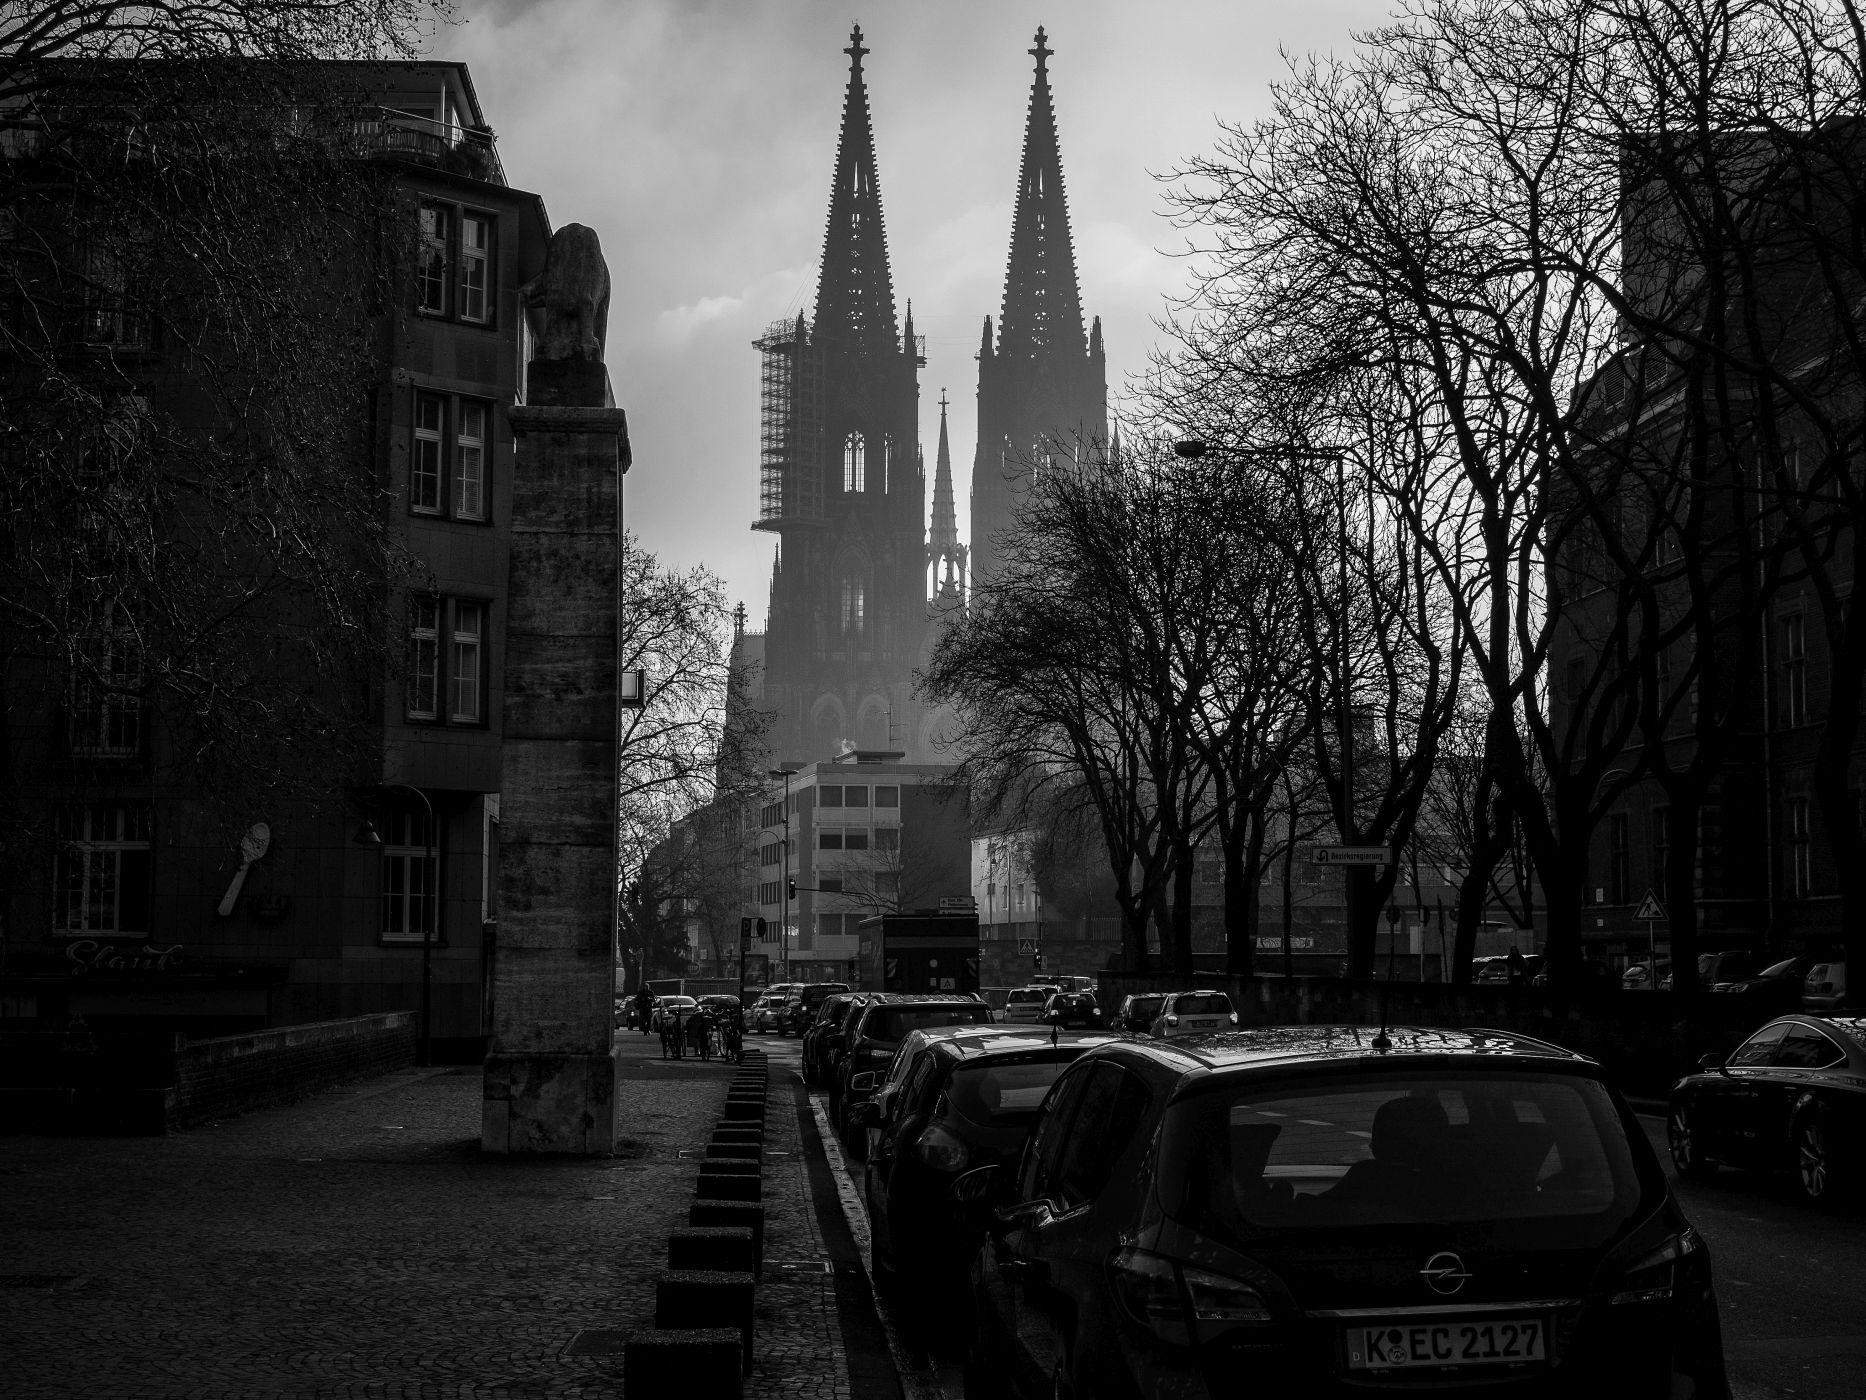 Köln, Komödienstraße